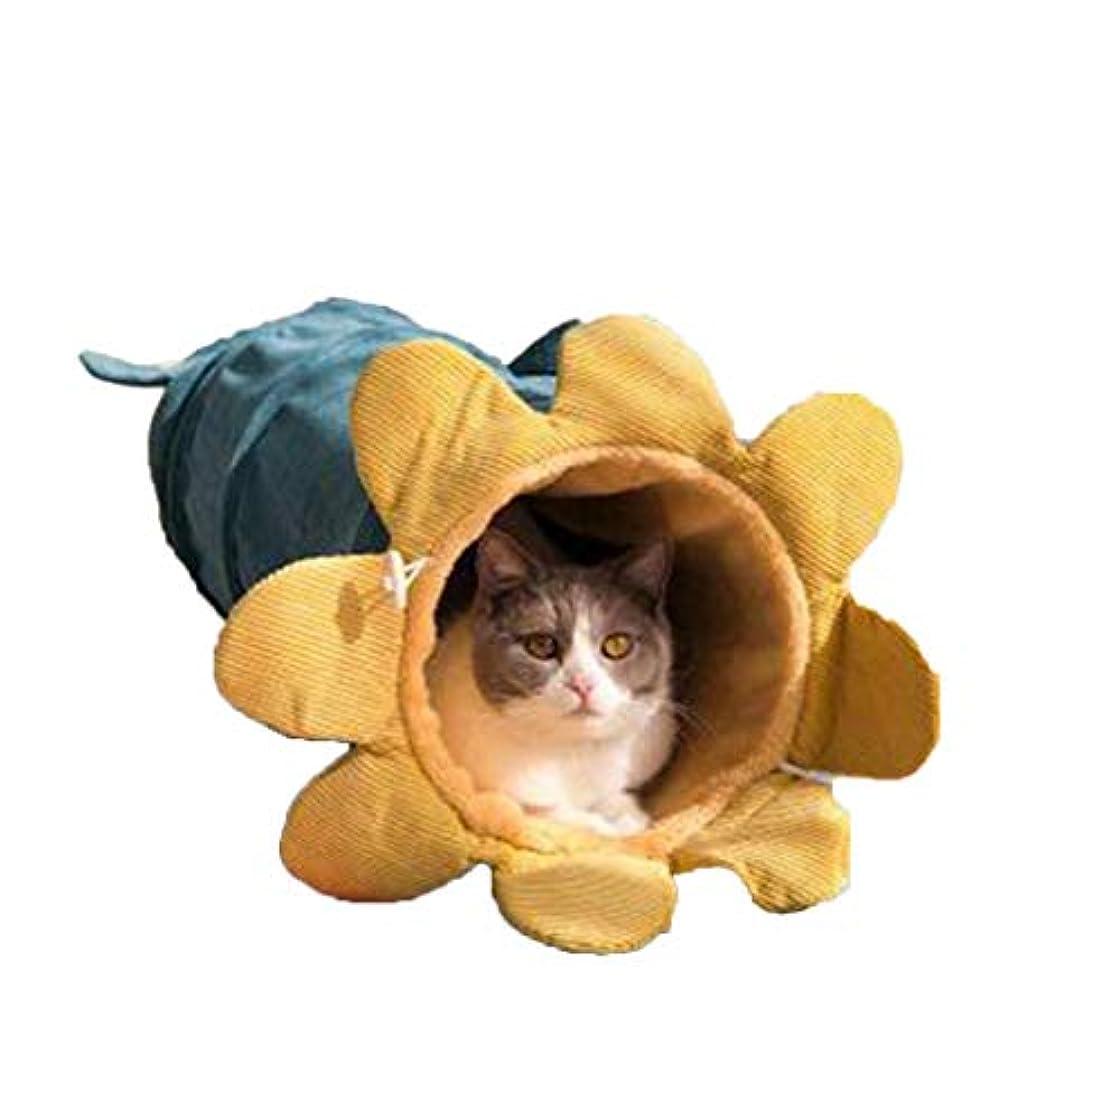 放出スチールより多い猫の巣、玩具猫用ドリルチューブ、猫のトイレ猫コーデュロイ猫用品、折りたたみ猫トンネルぬいぐるみバッグ,C